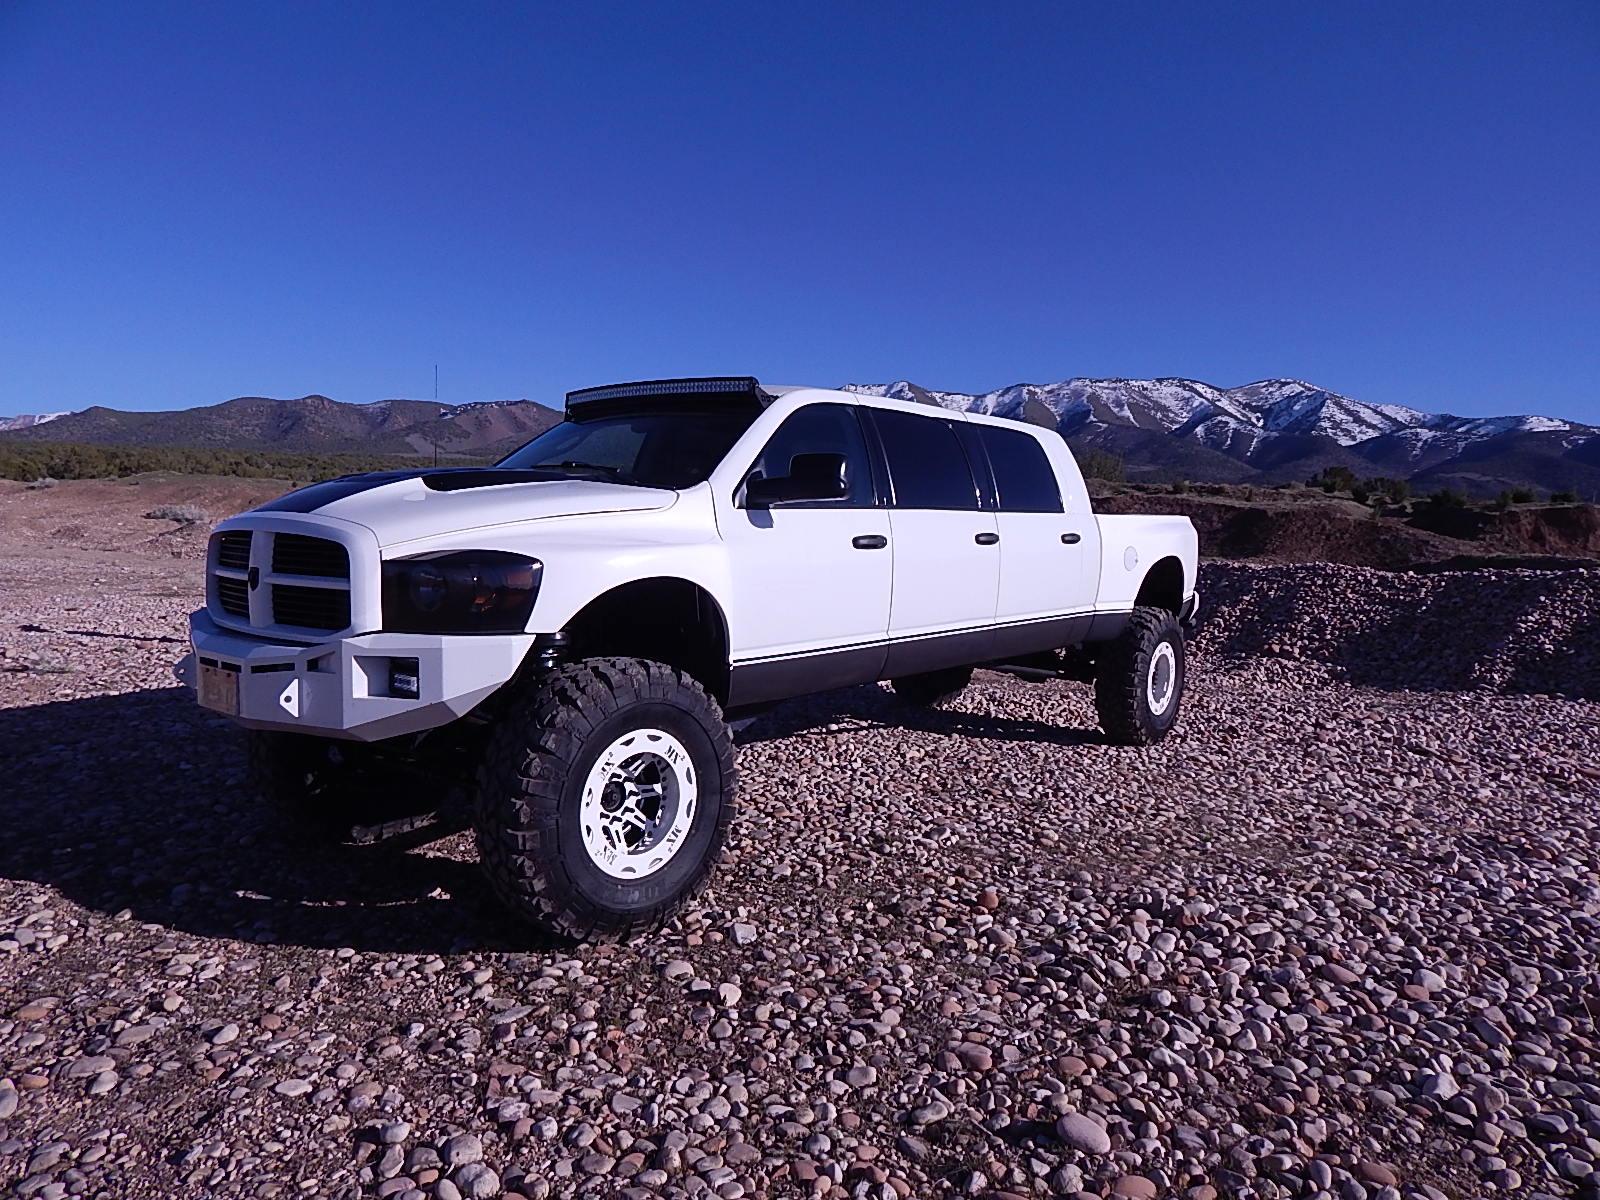 Dodge Ram 5500 >> MEGA X 2 6 door Dodge 6 Door Ford 6 Door Chev 6 door Mega Cab Six doorMEGA X 2